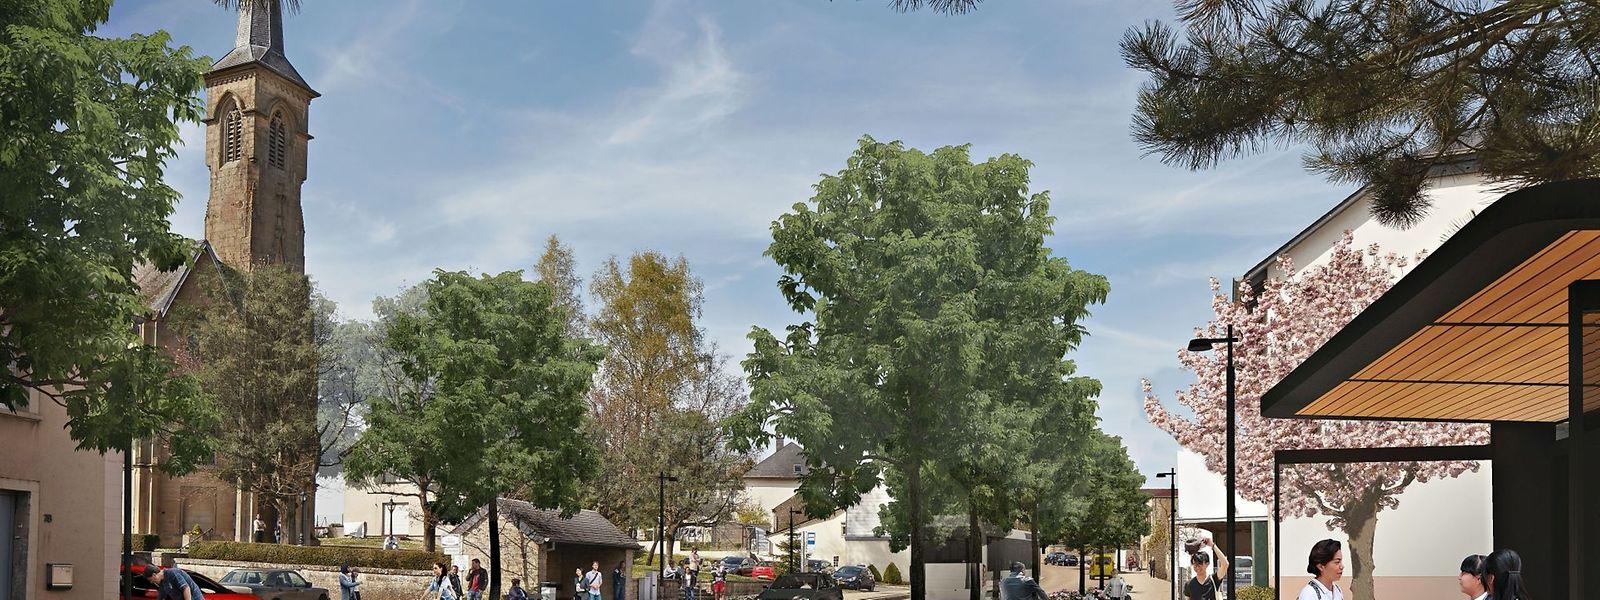 Von Rollingen bis Walferdingen wird man durch die neue parallel zur N7 verlaufende Fahrradpiste vier Kilometer sparen. Der Weg läuft im Seitenraum mit dem Bürgersteig, gegenüber abbiegenden Autofahrern haben die Radfahrer Vorfahrt.